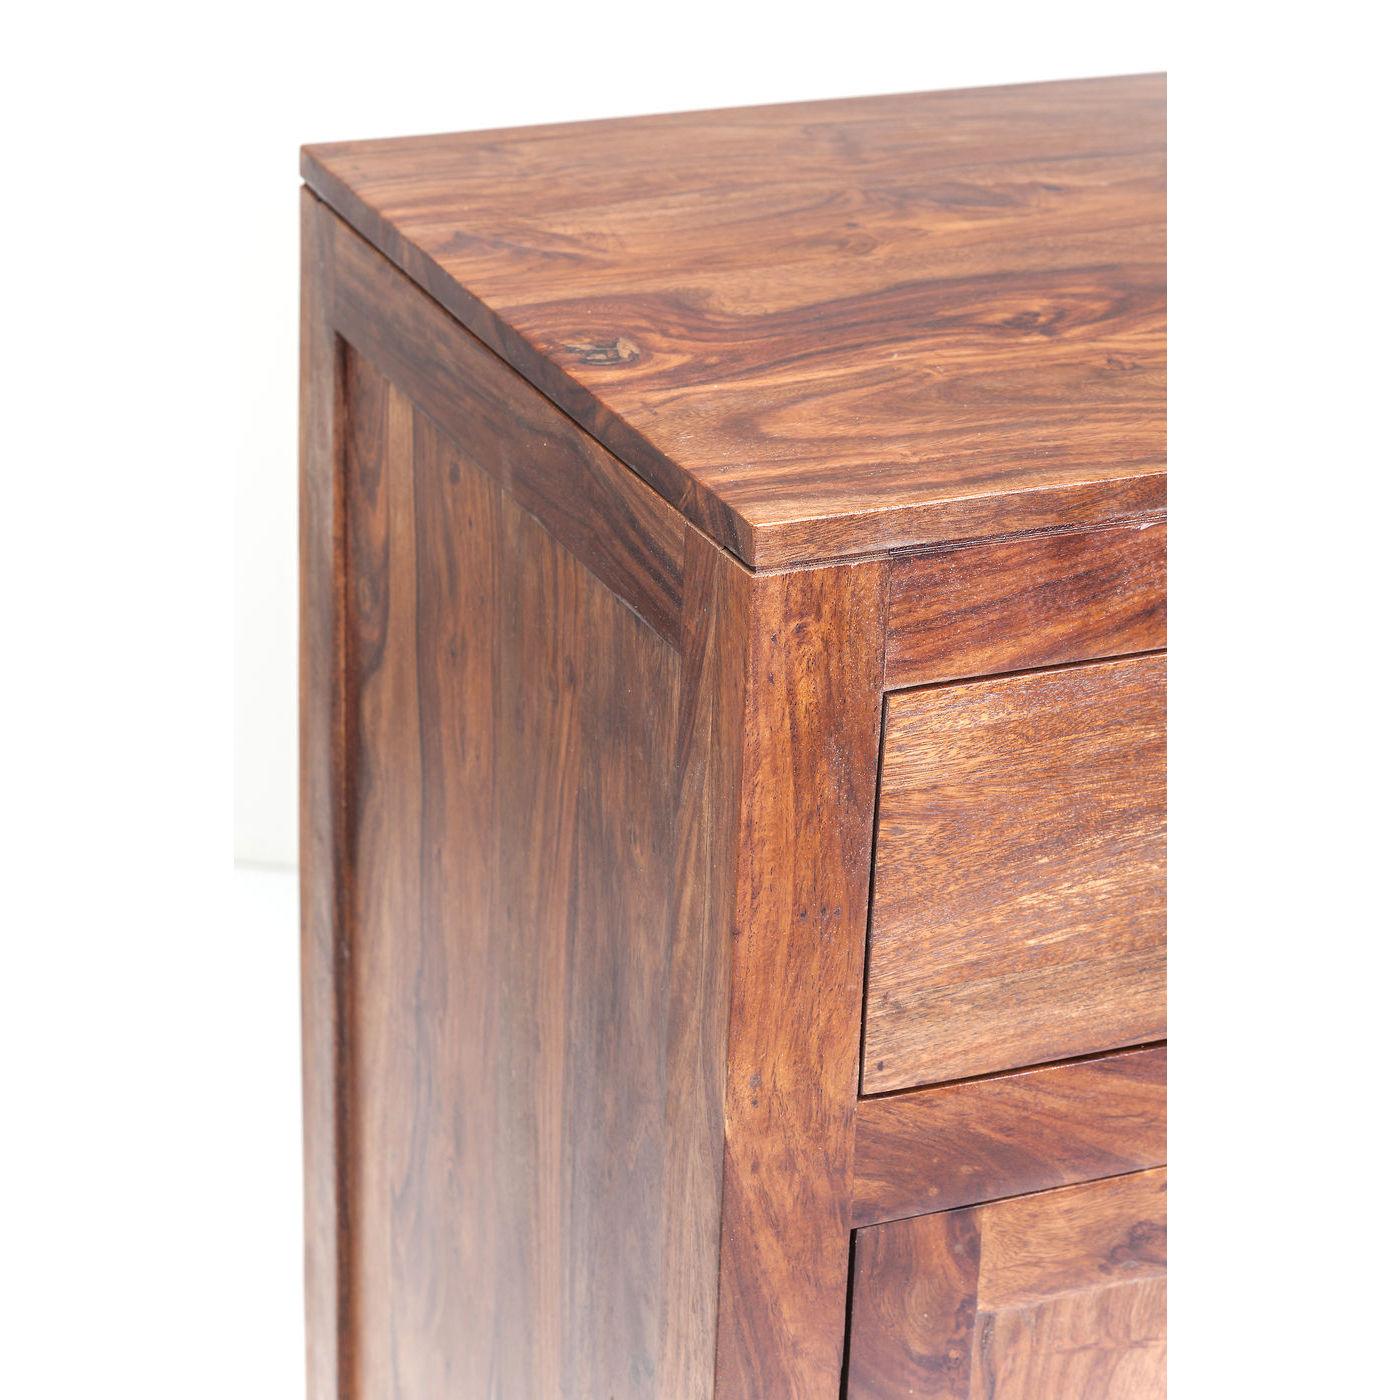 authentico kommode i tr med 2 lger og 2 skuffer fine greb. Black Bedroom Furniture Sets. Home Design Ideas